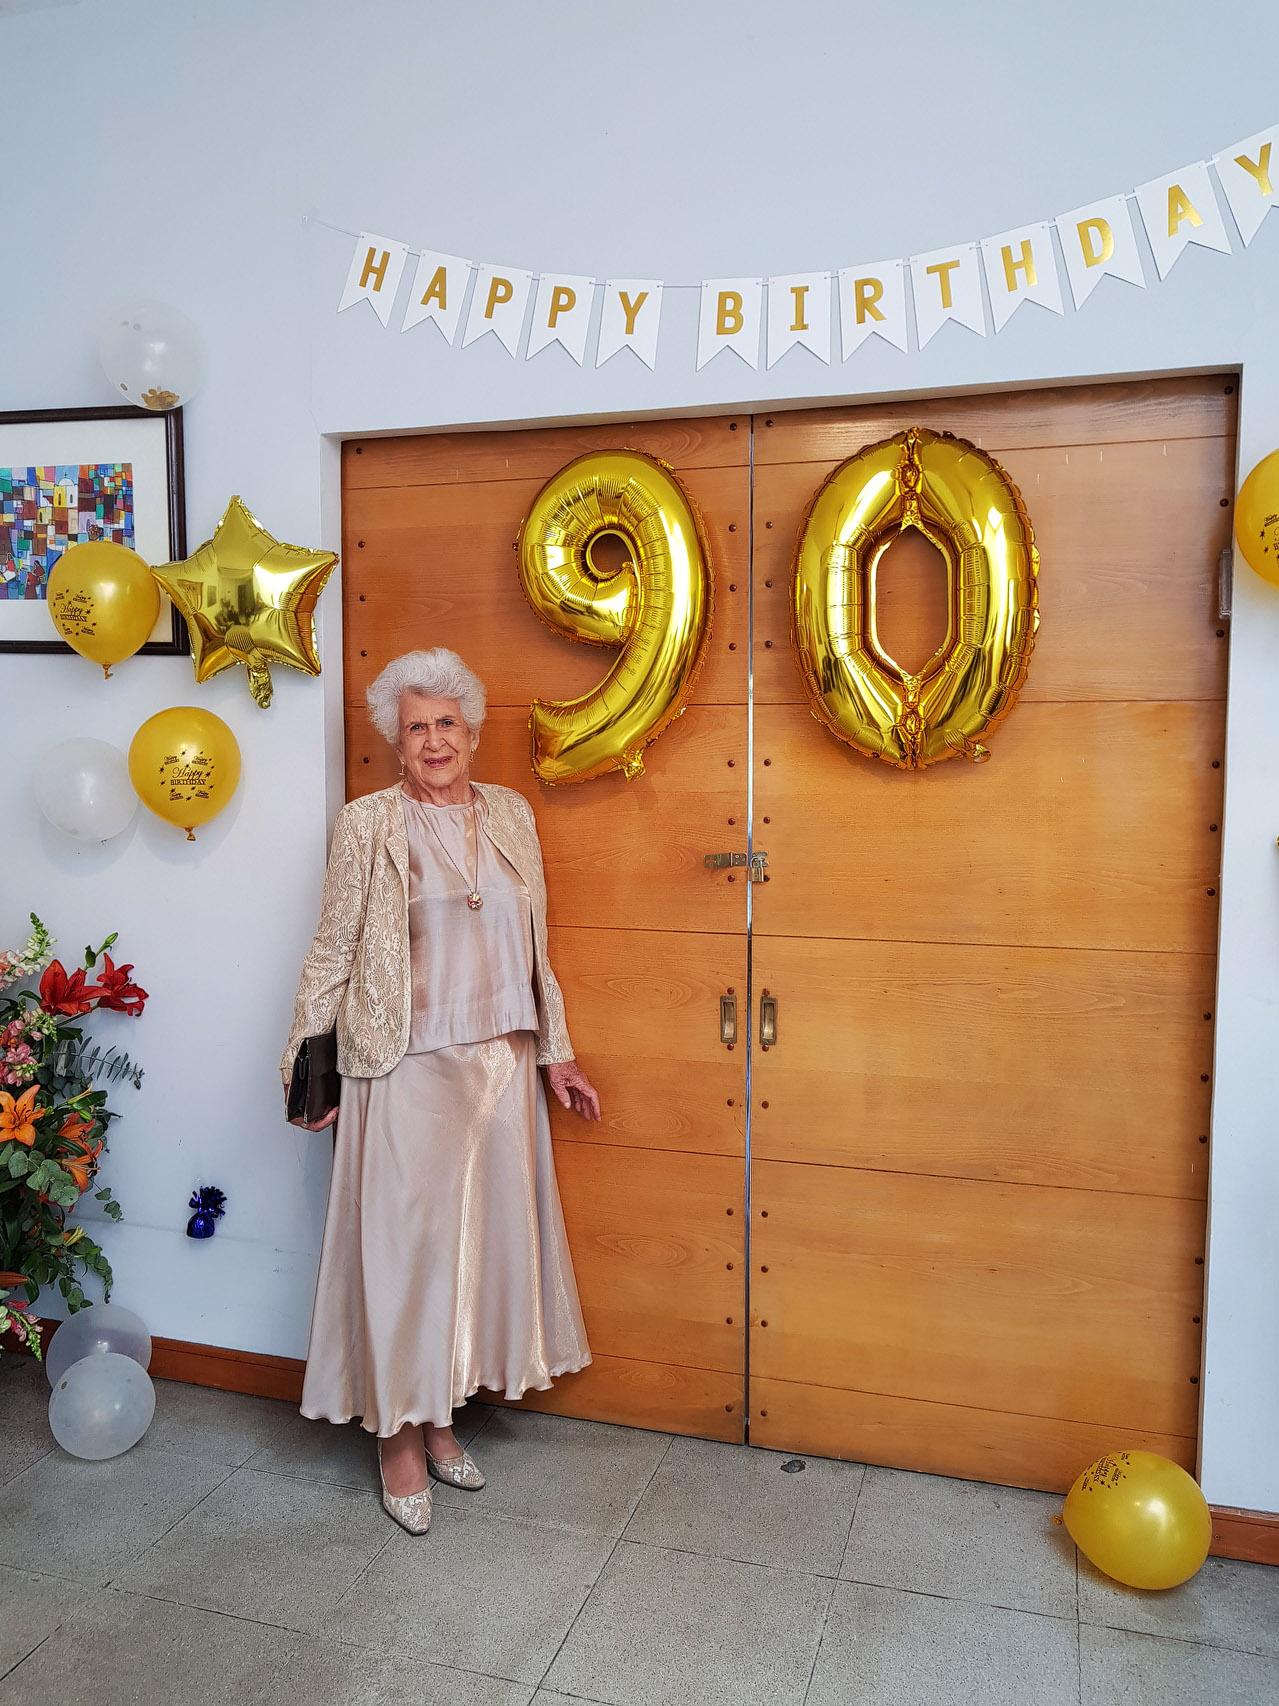 Dorrit Schloss - das Geburtstagskind bei ihrer Geburtstagsfeier - Happy Birthday Dorrit!